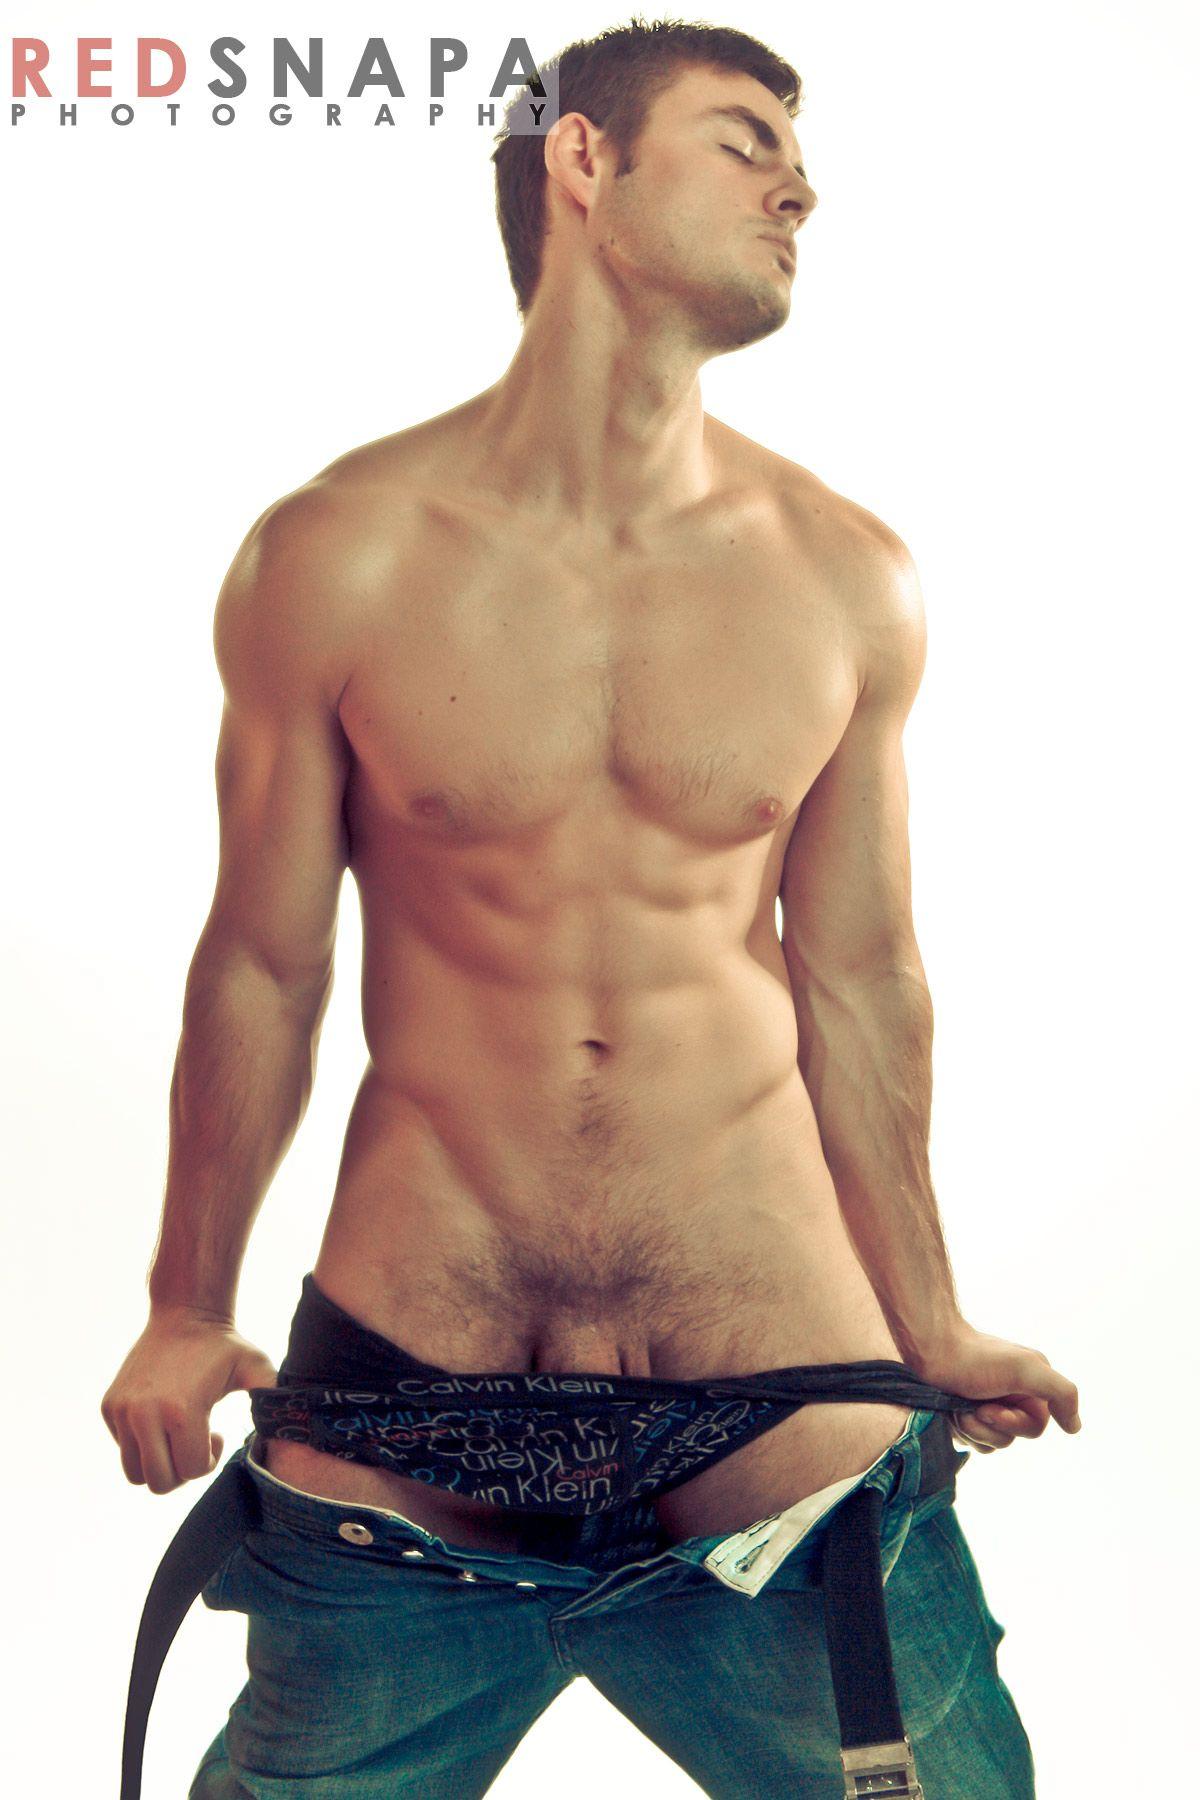 Nick Wolanski - Redsnapa Photography  Hot British Male -7326